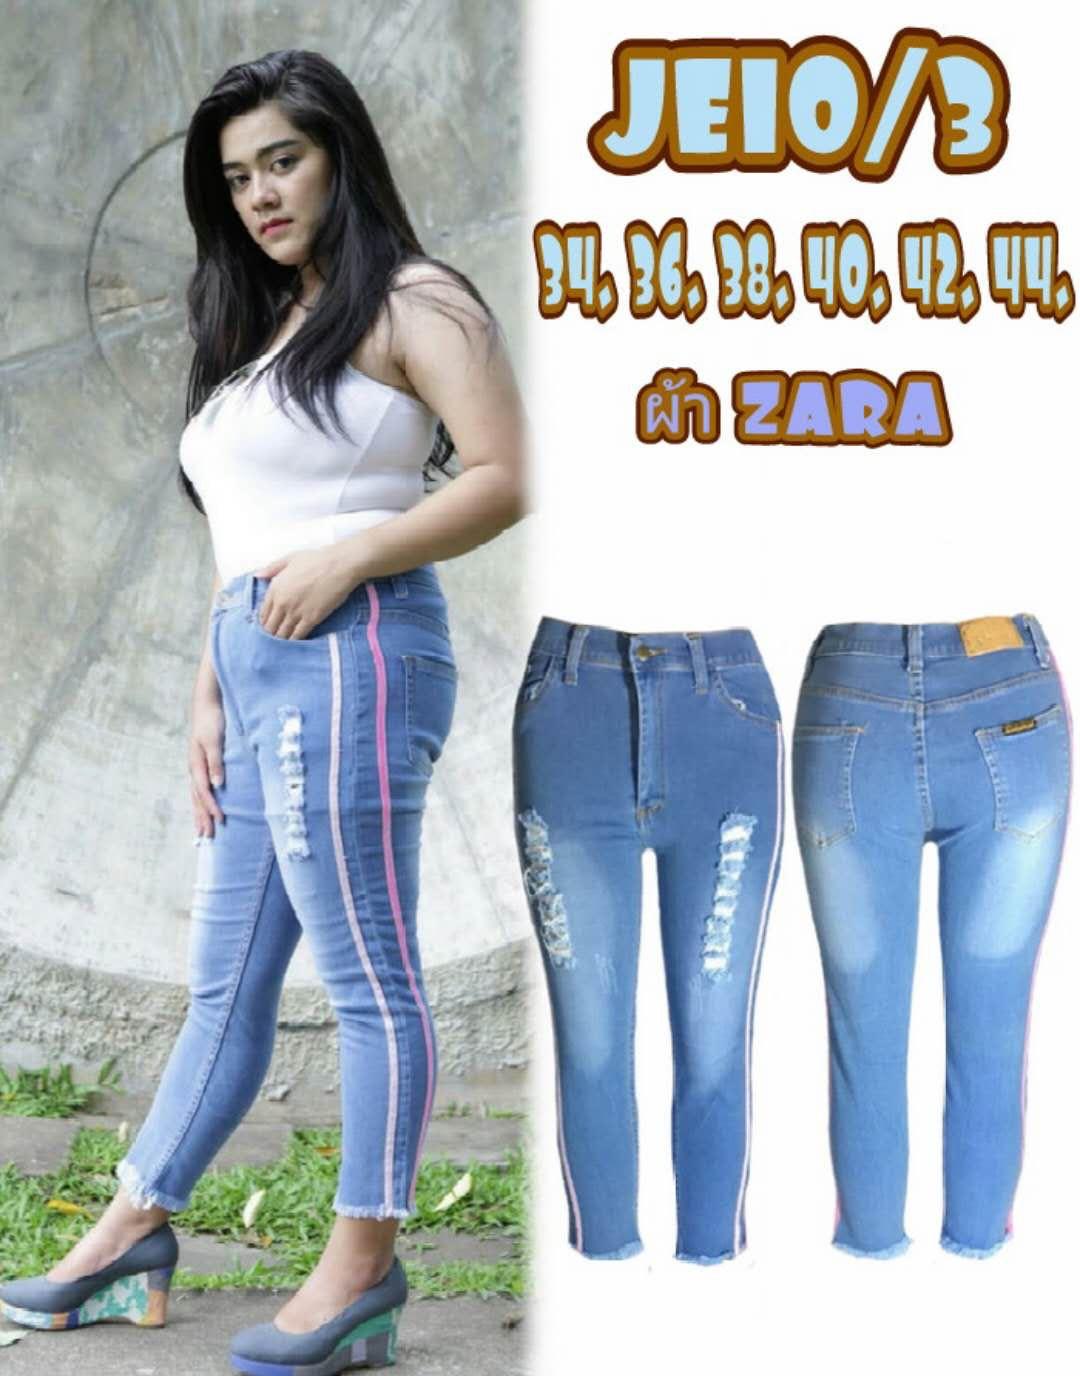 กางเกงยีนส์ไซส์ใหญ่เอวสูง ขา 8 ส่วน แถบข้างสีชมพู ขาดหน้าขา สีฟอกฟ้าขาว ผ้ายืดซาร่า มี SIZE 34 36 38 40 42 44